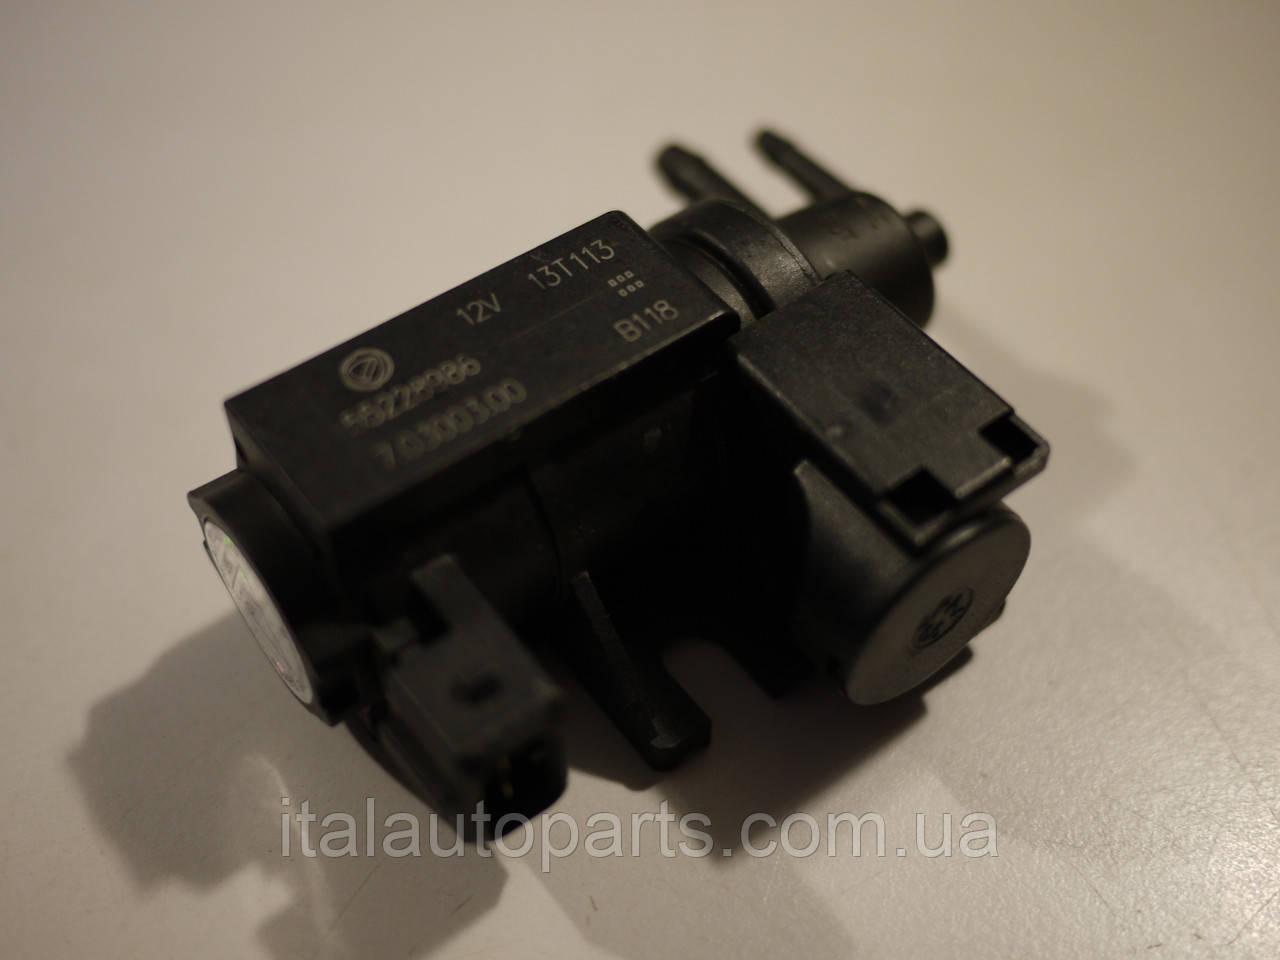 Клапан регулирования давления наддува Fiat Linea 1,3MJTD